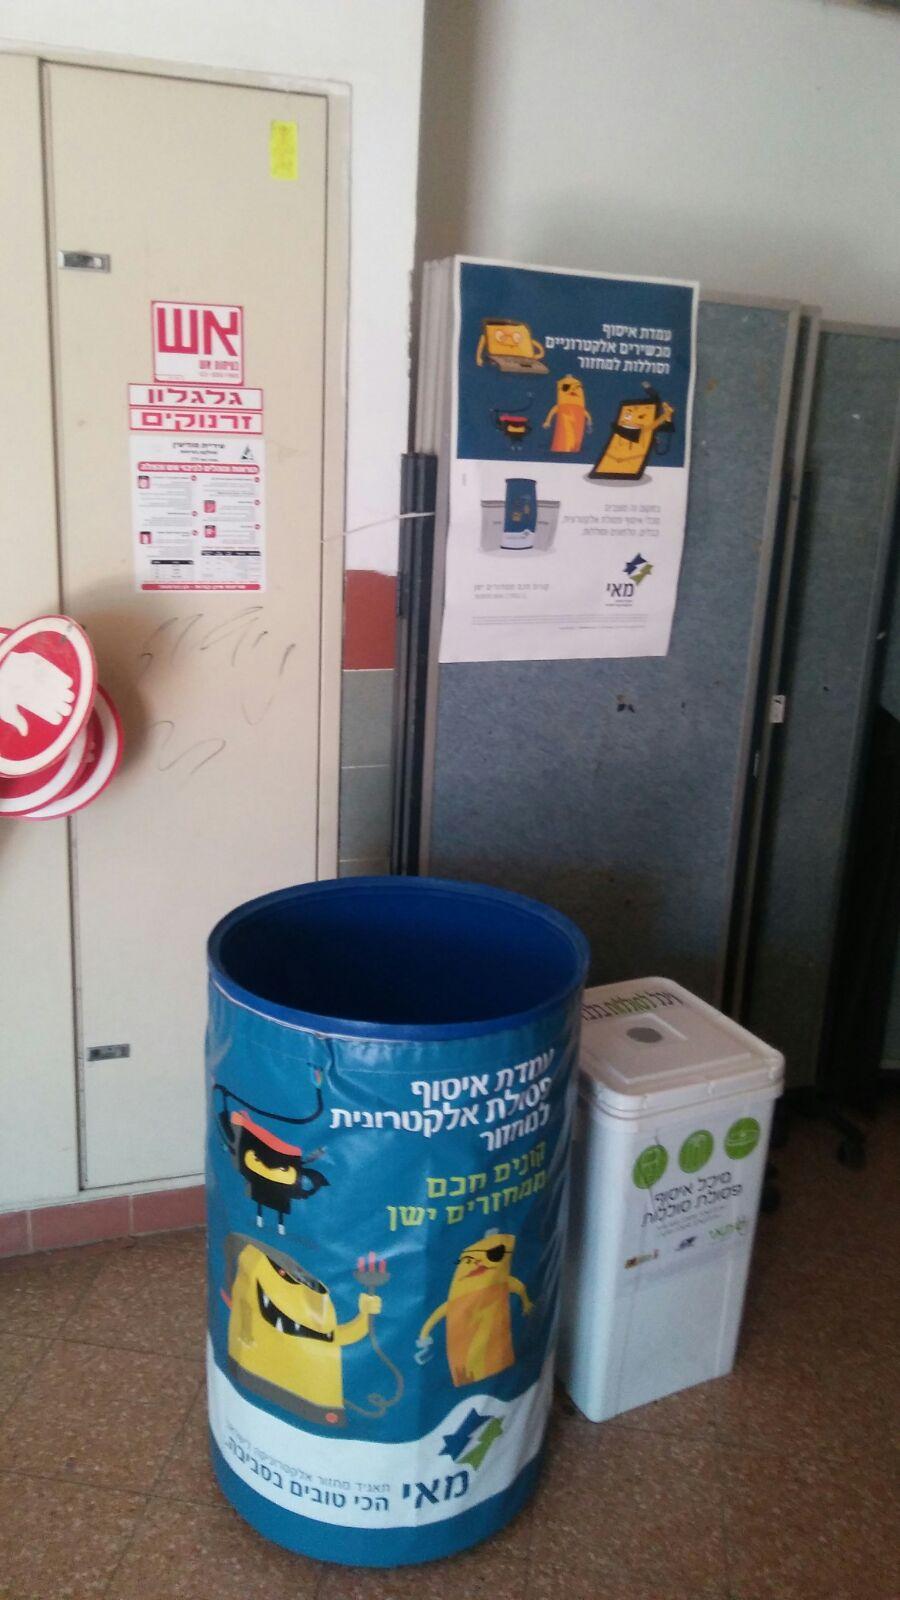 מיכל מיחזור פסולת אלקטרונית וסוללות